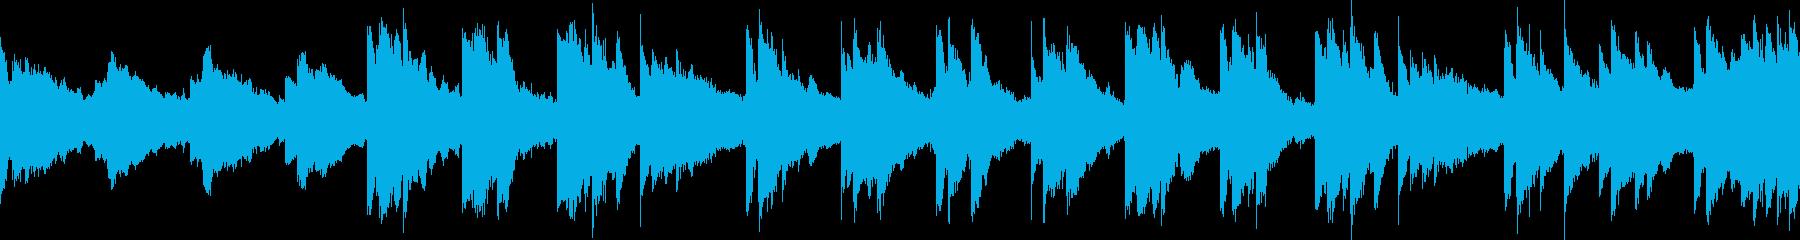 癒やし/アコースティックギター ループ版の再生済みの波形